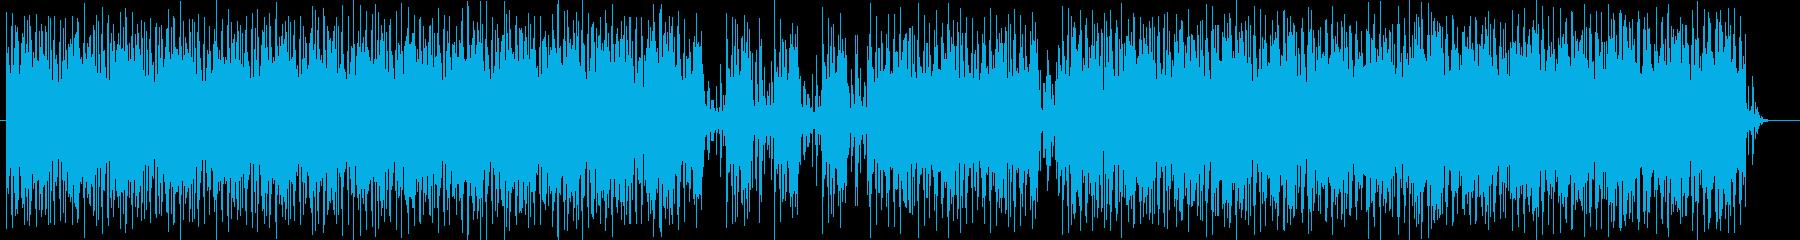 疾走感とシリアスなシンセサイザーテクノの再生済みの波形